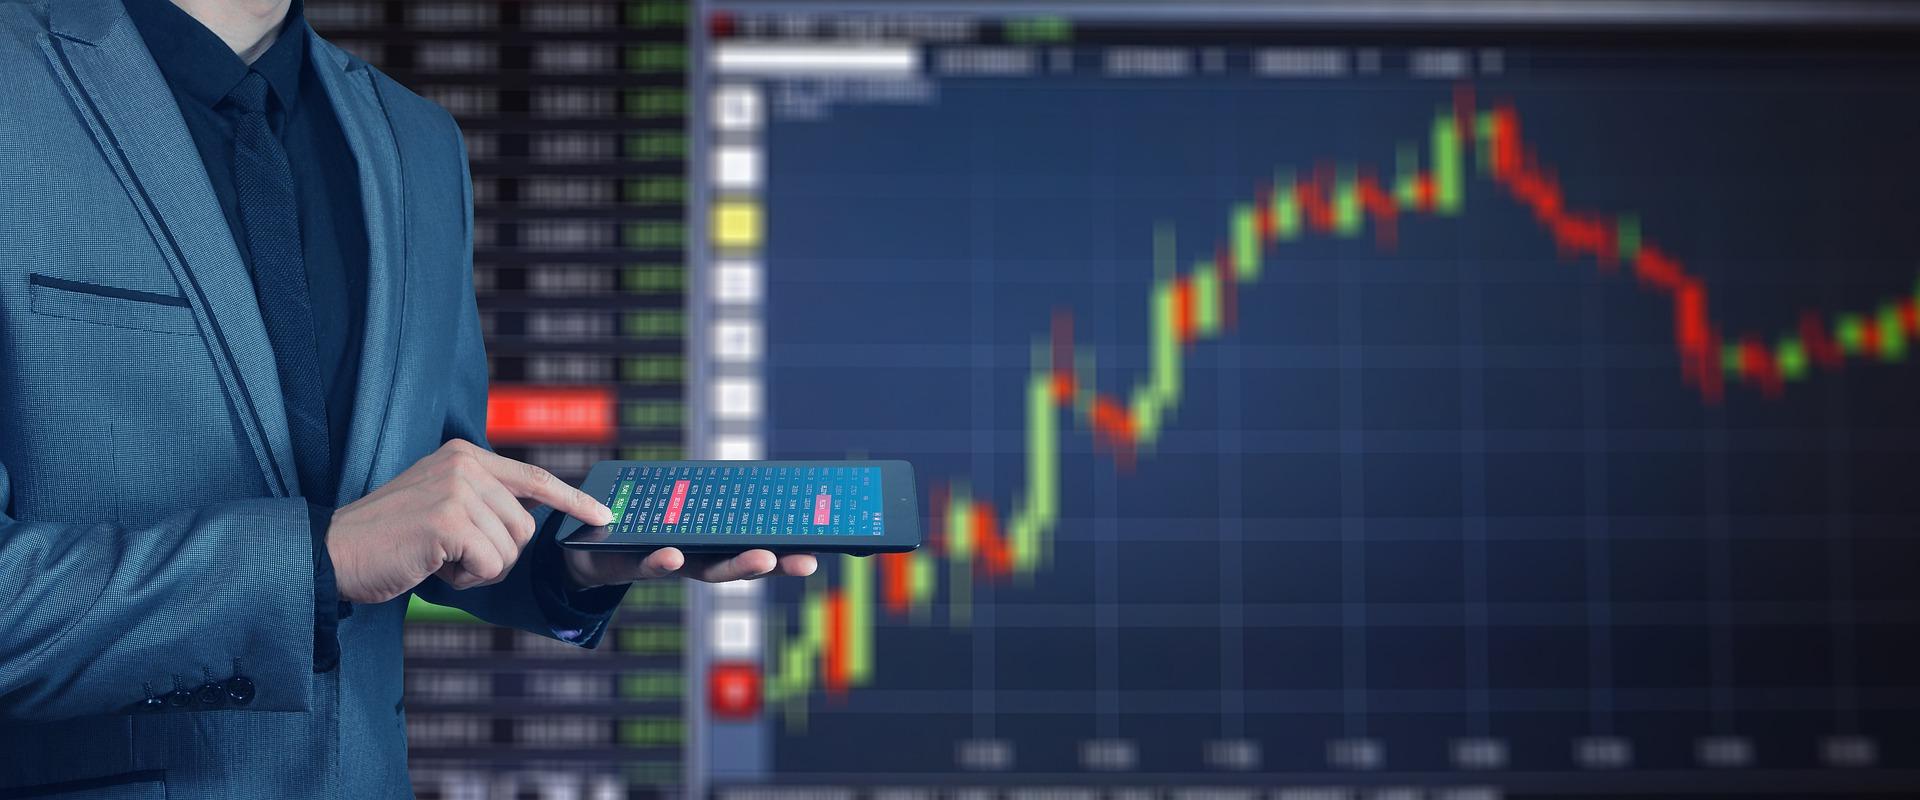 Platforms like Blue River Finance